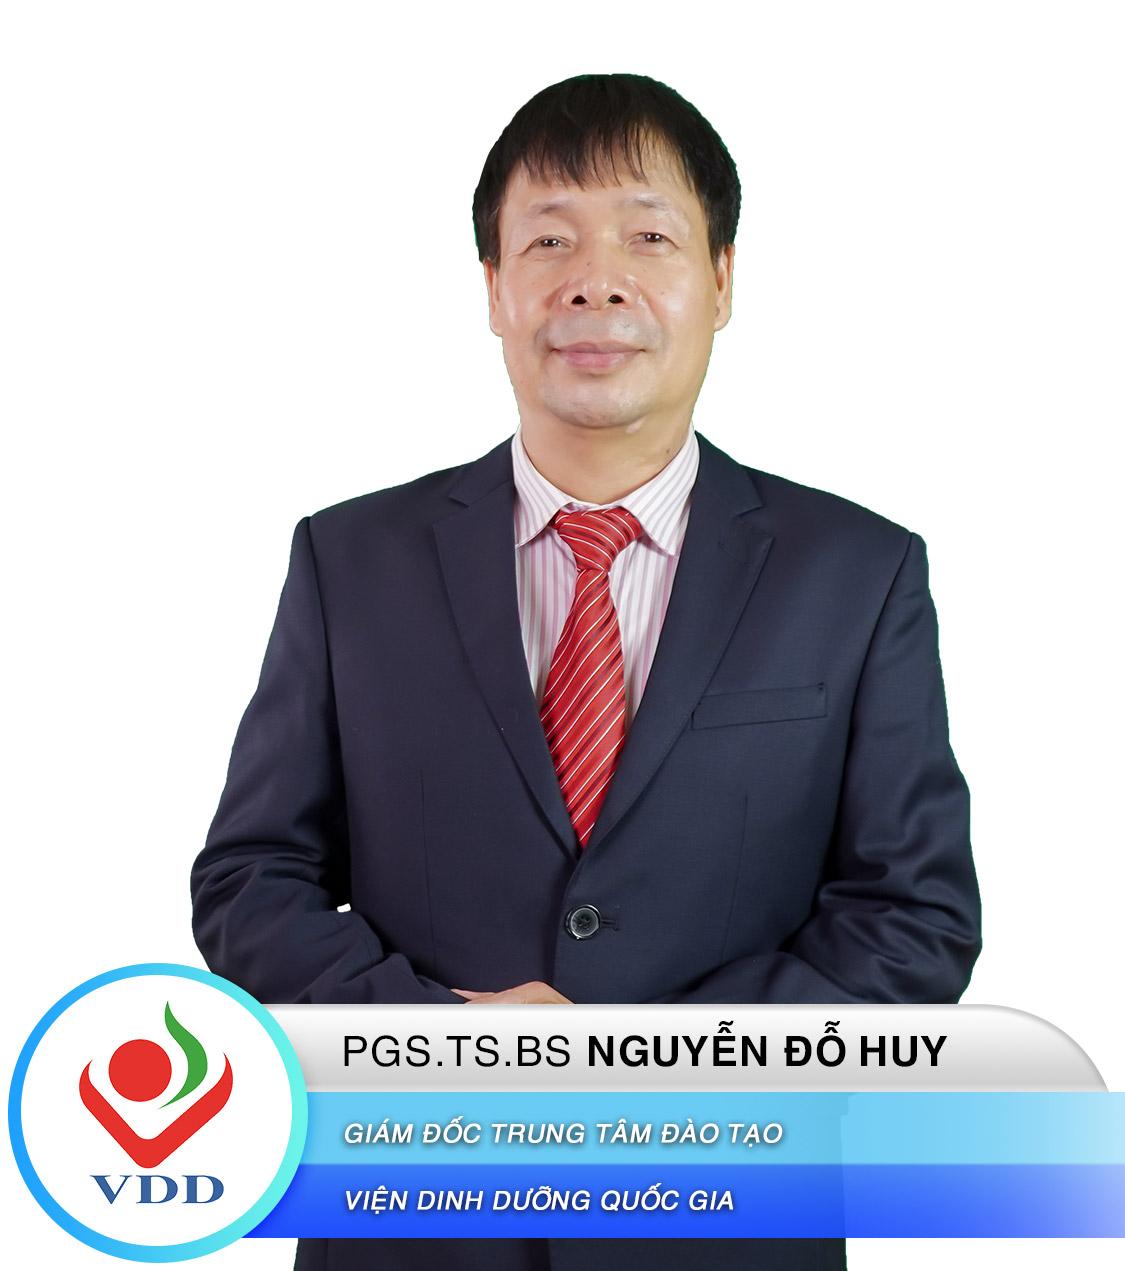 1. Nguyễn Đỗ Huy